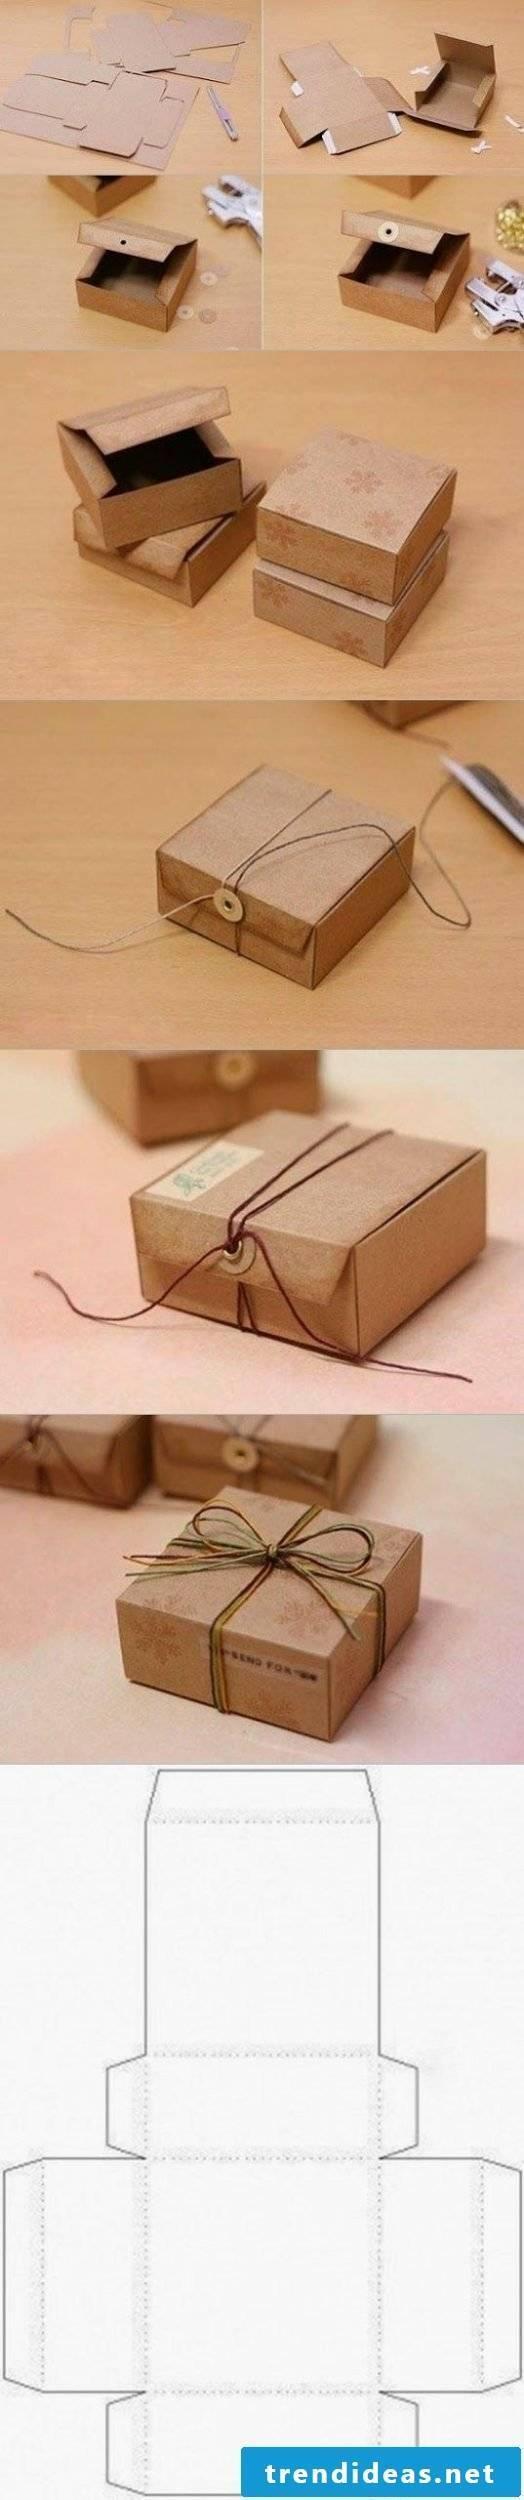 Cheap idea: box folding cardboard